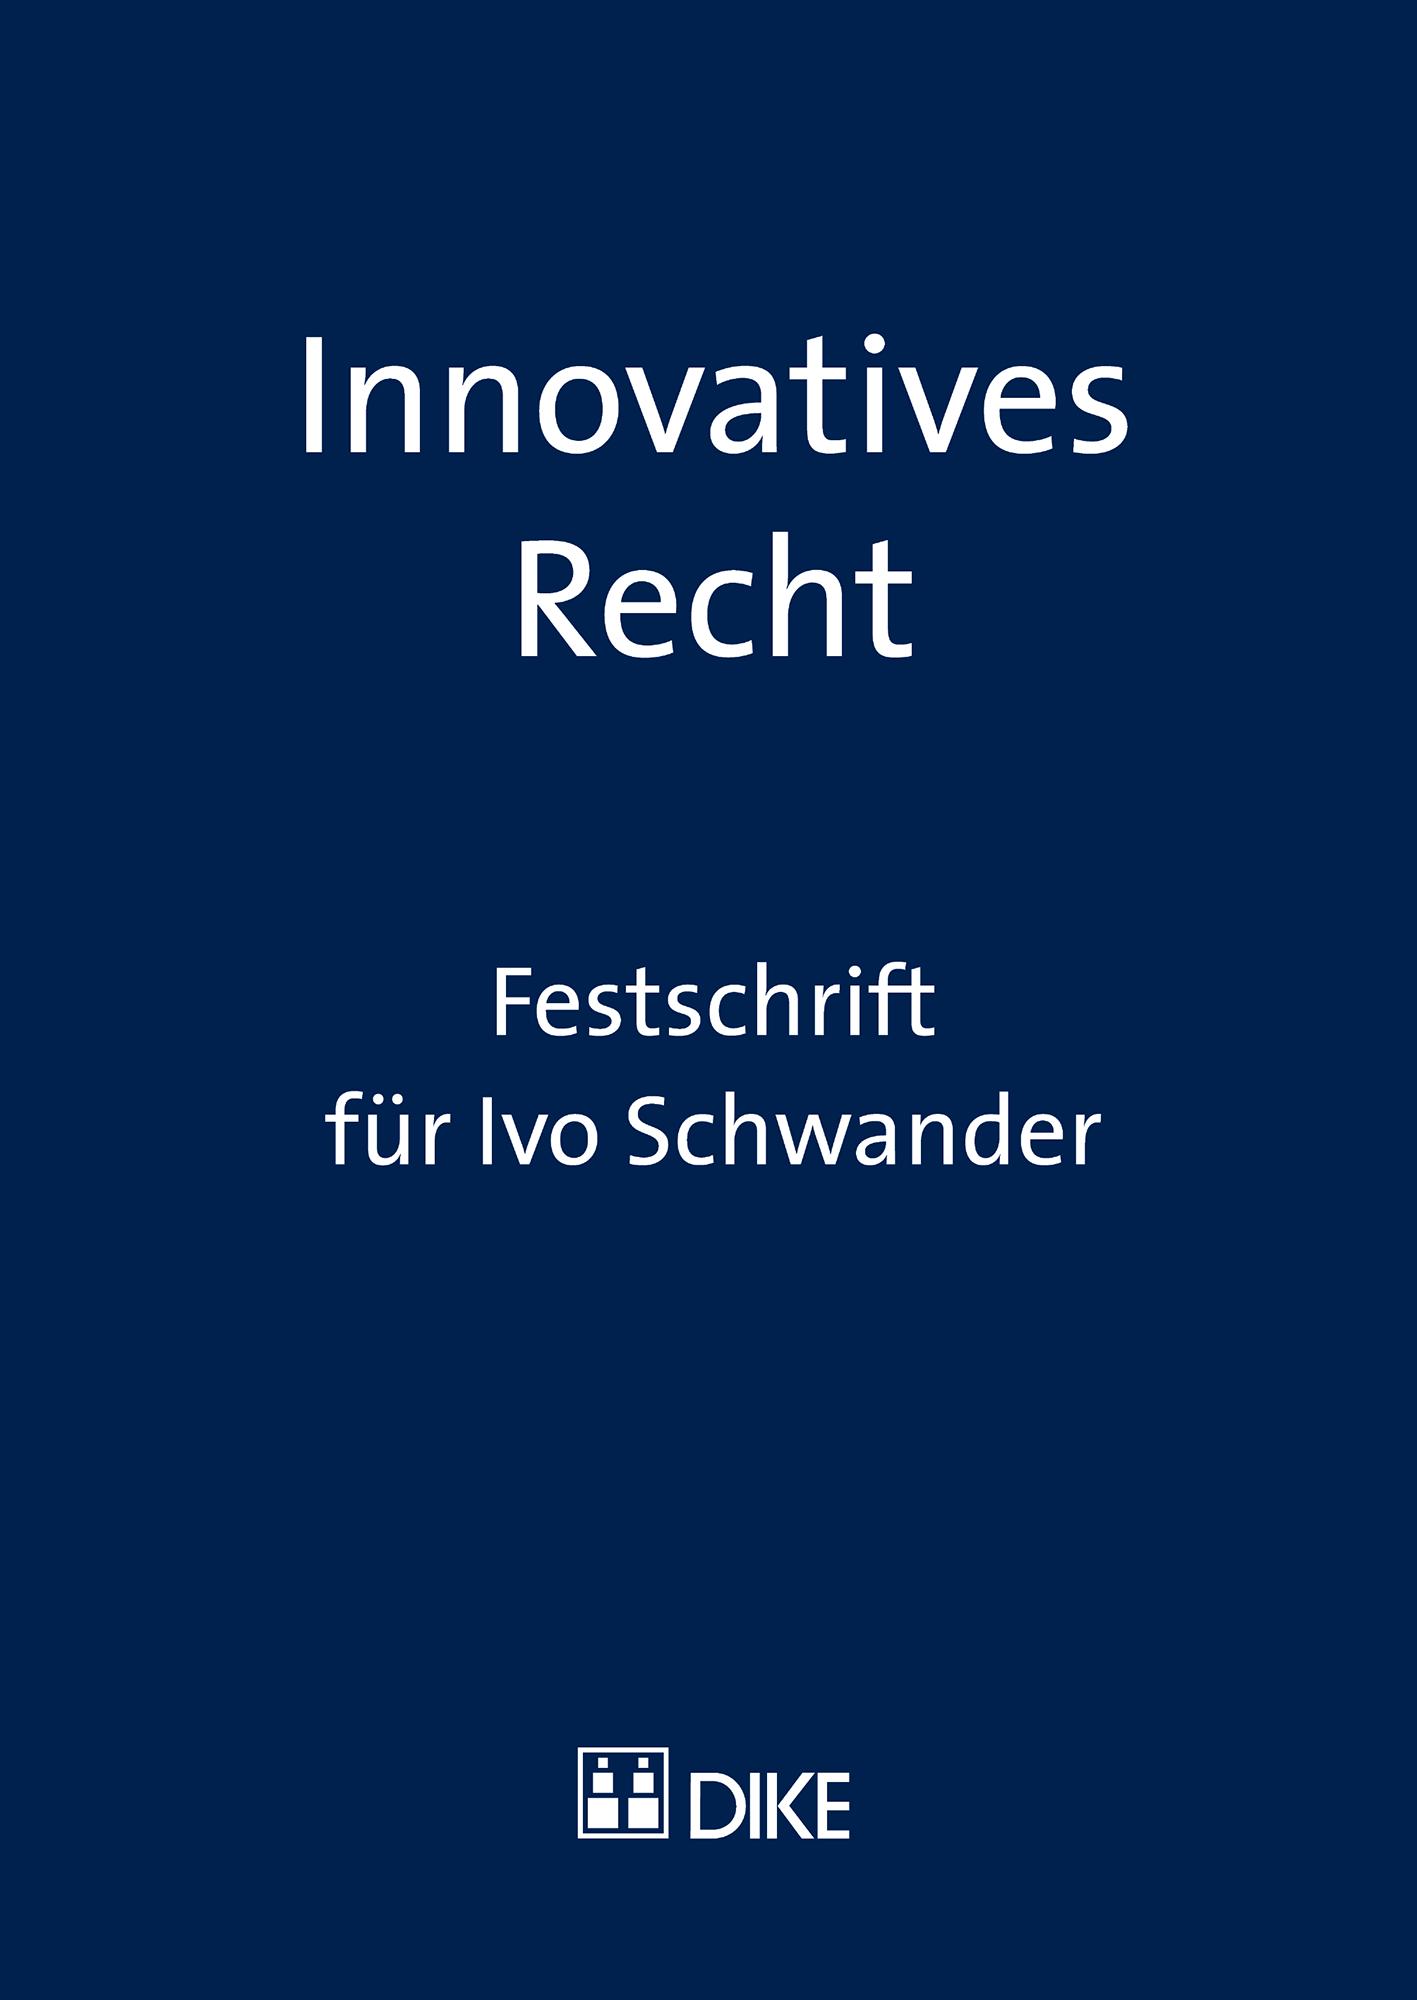 Innovatives Recht